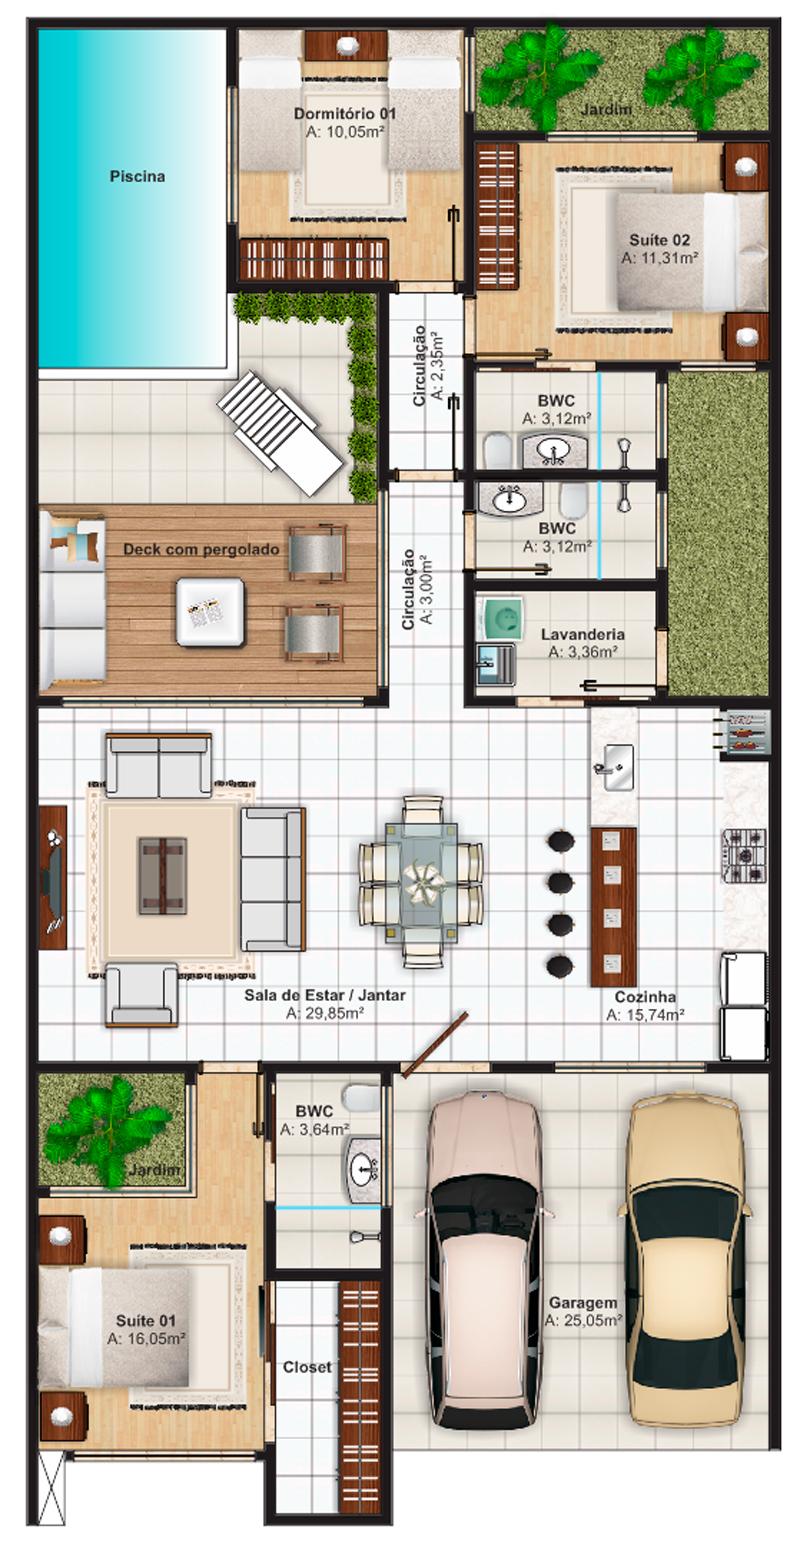 Casa campinas 3 quartos rea gourmet com piscina for Casa moderna minimalista interior 6m x 12 50 m